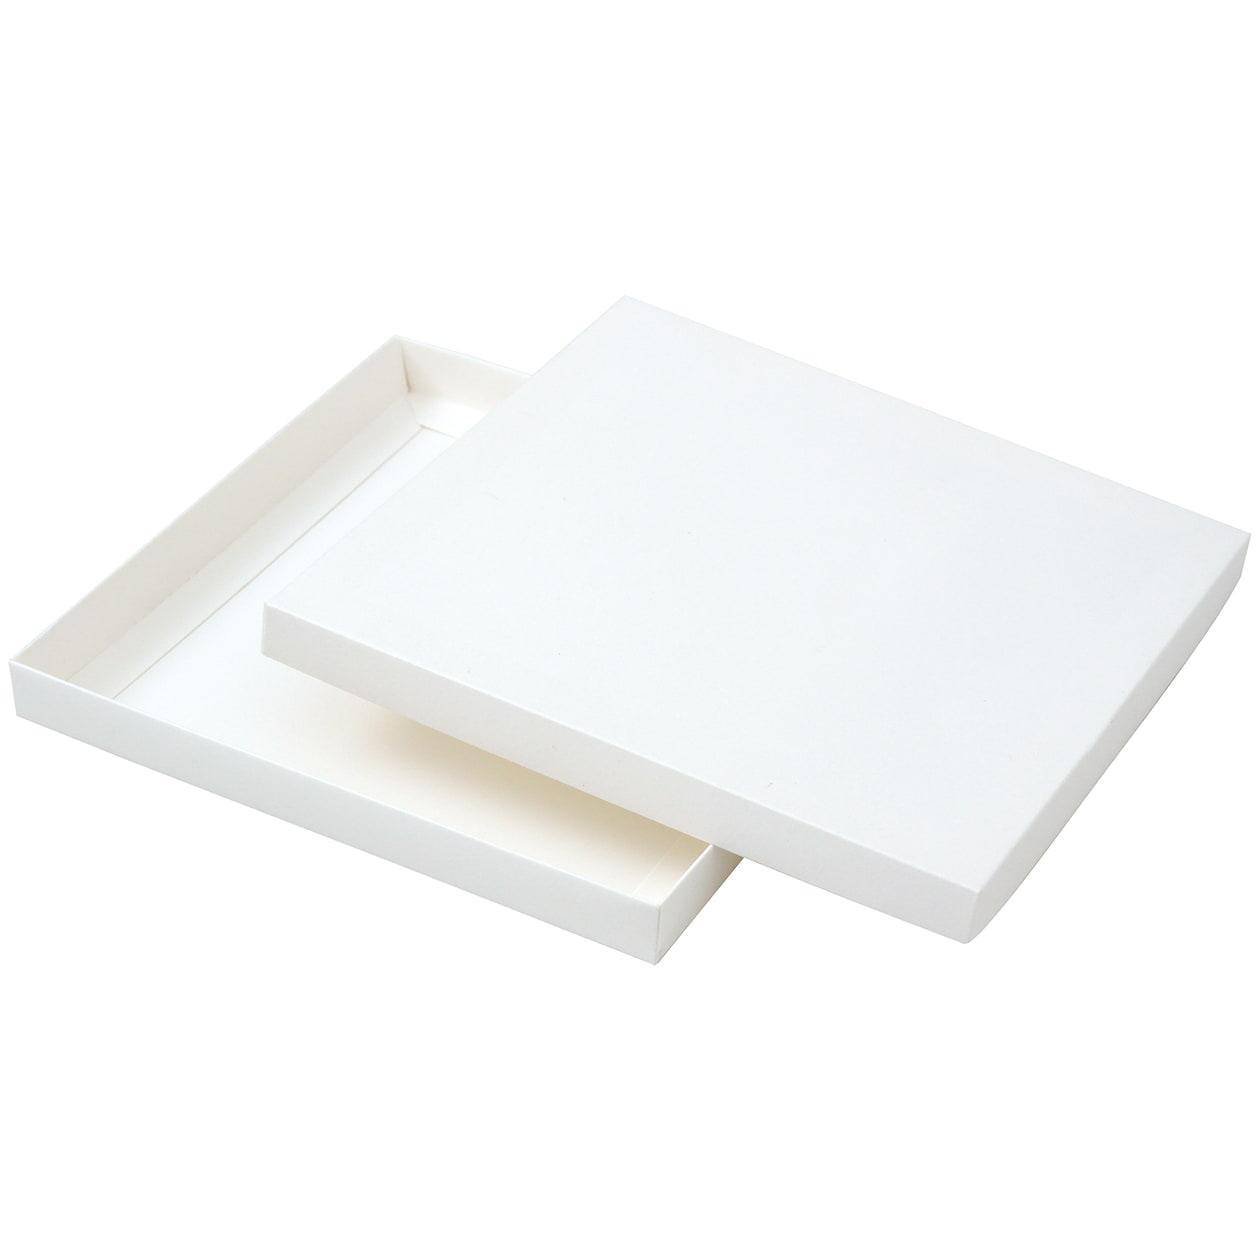 組箱 165×165×15 コットン スノーホワイト 232.8g